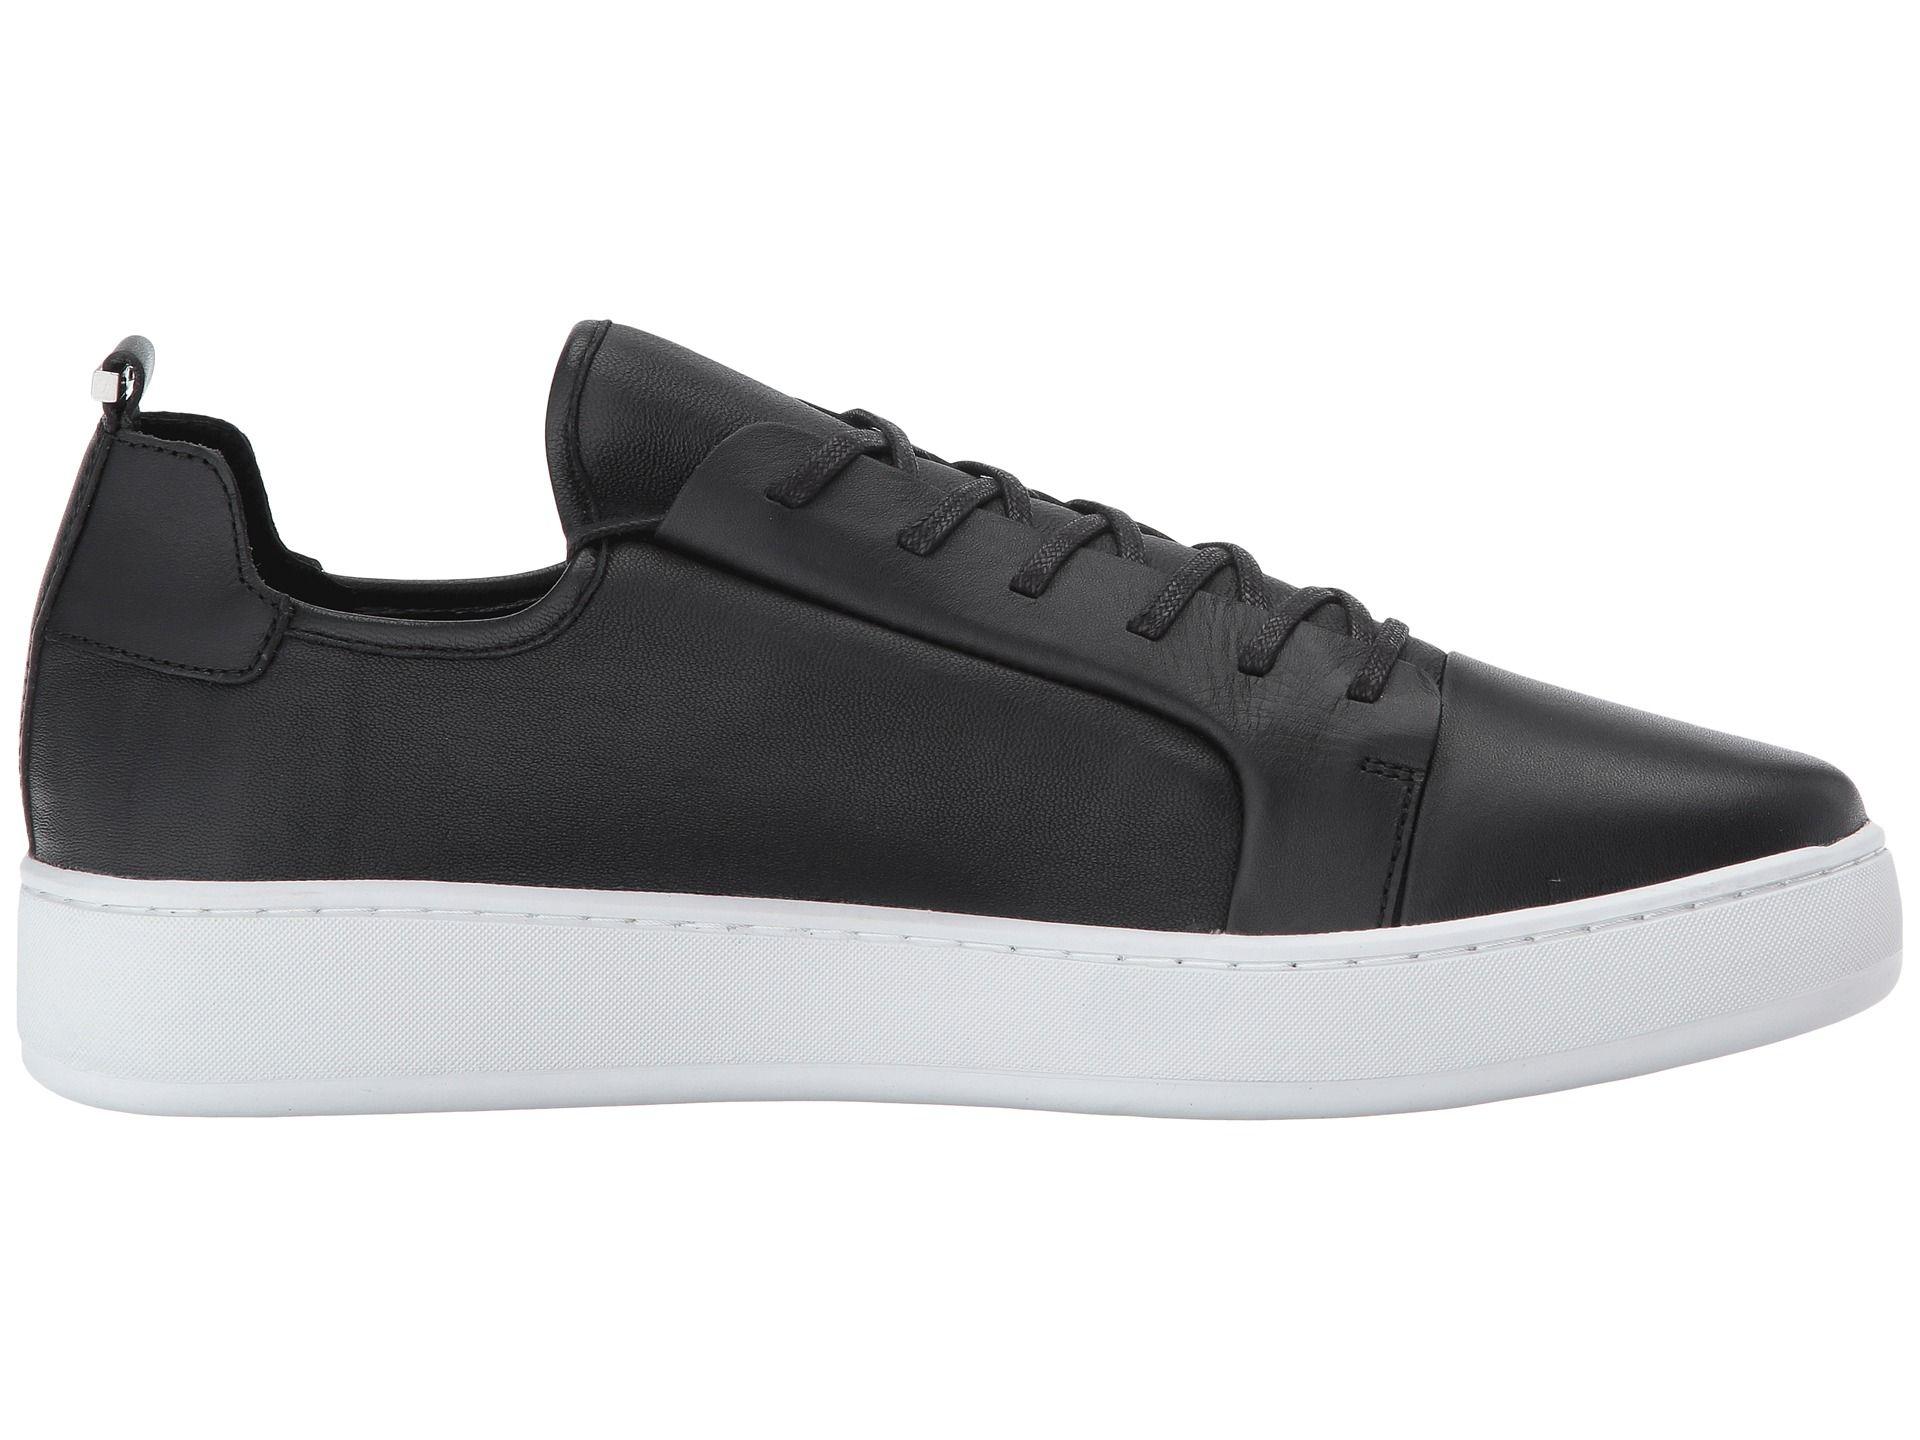 Calvin Klein Nayland Calzas Zapatos Casuales Zapatos